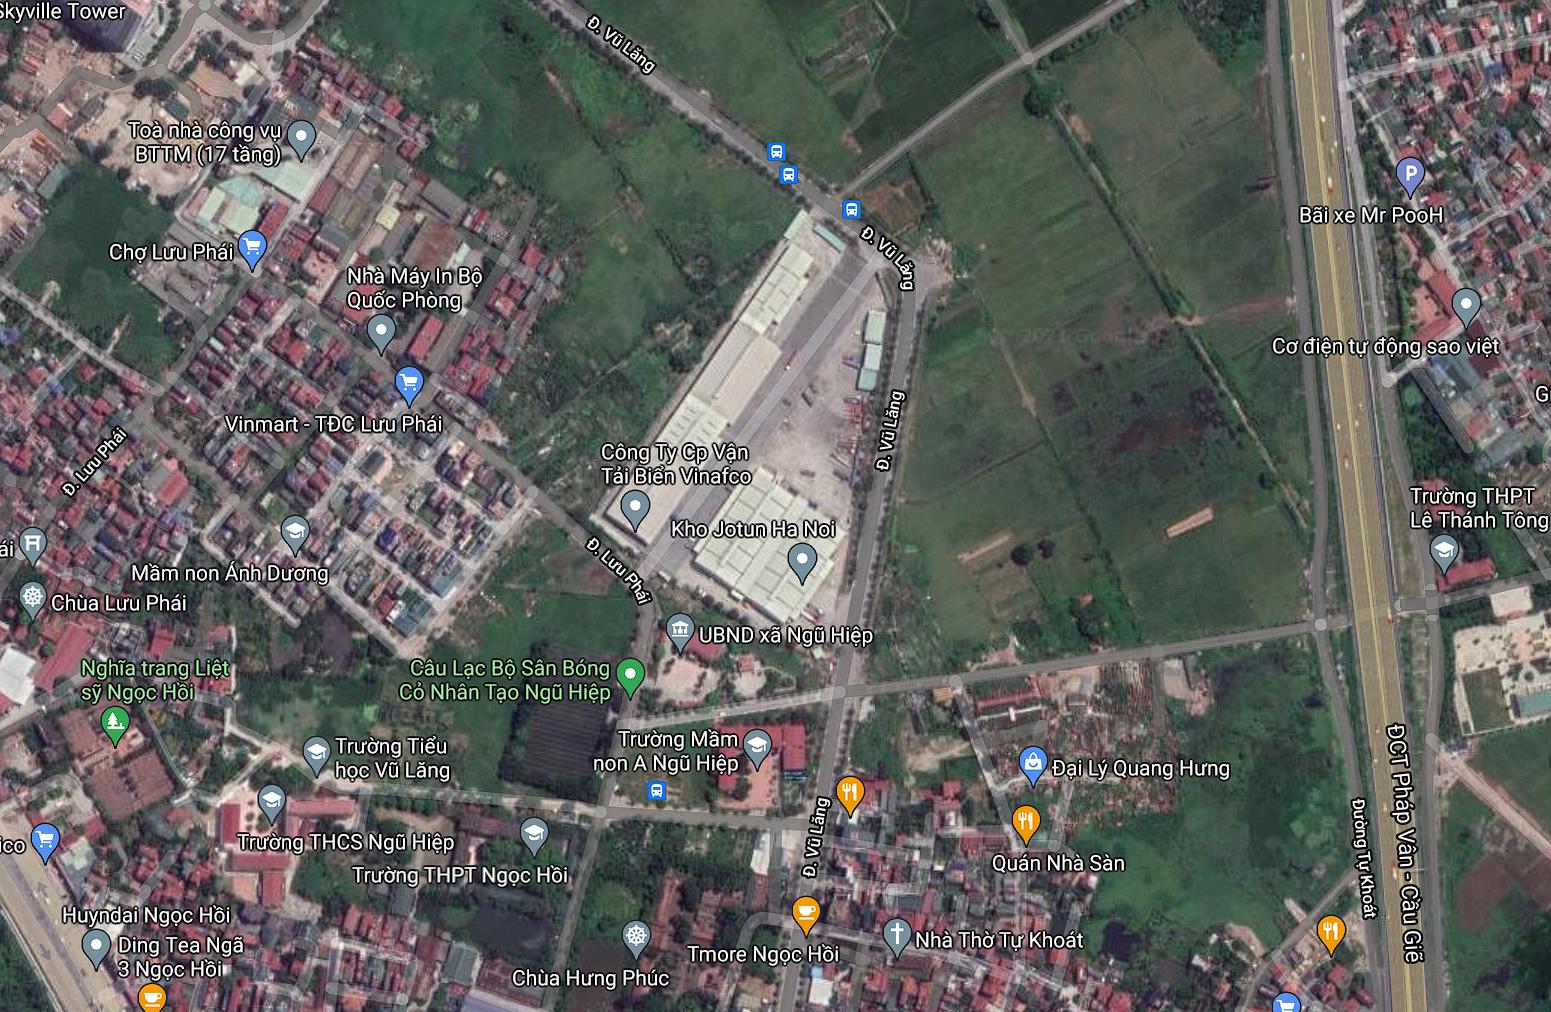 Đất dính quy hoạch ở xã Ngũ Hiệp, Thanh Trì, Hà Nội - Ảnh 2.